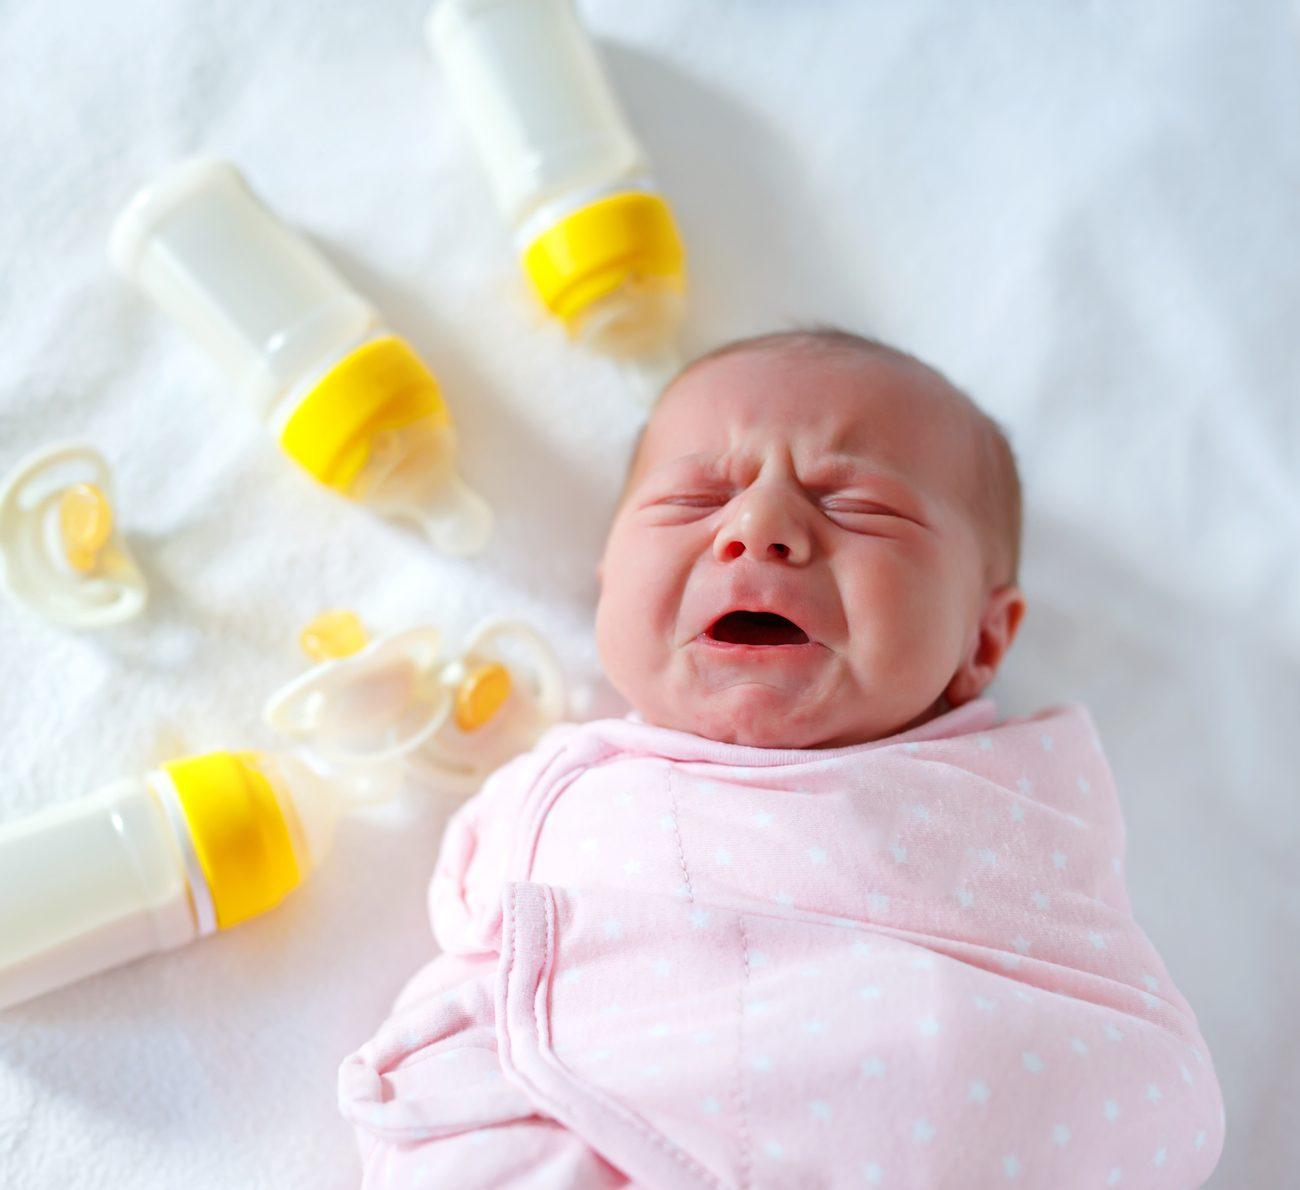 aplv e Intolerância à Lactose